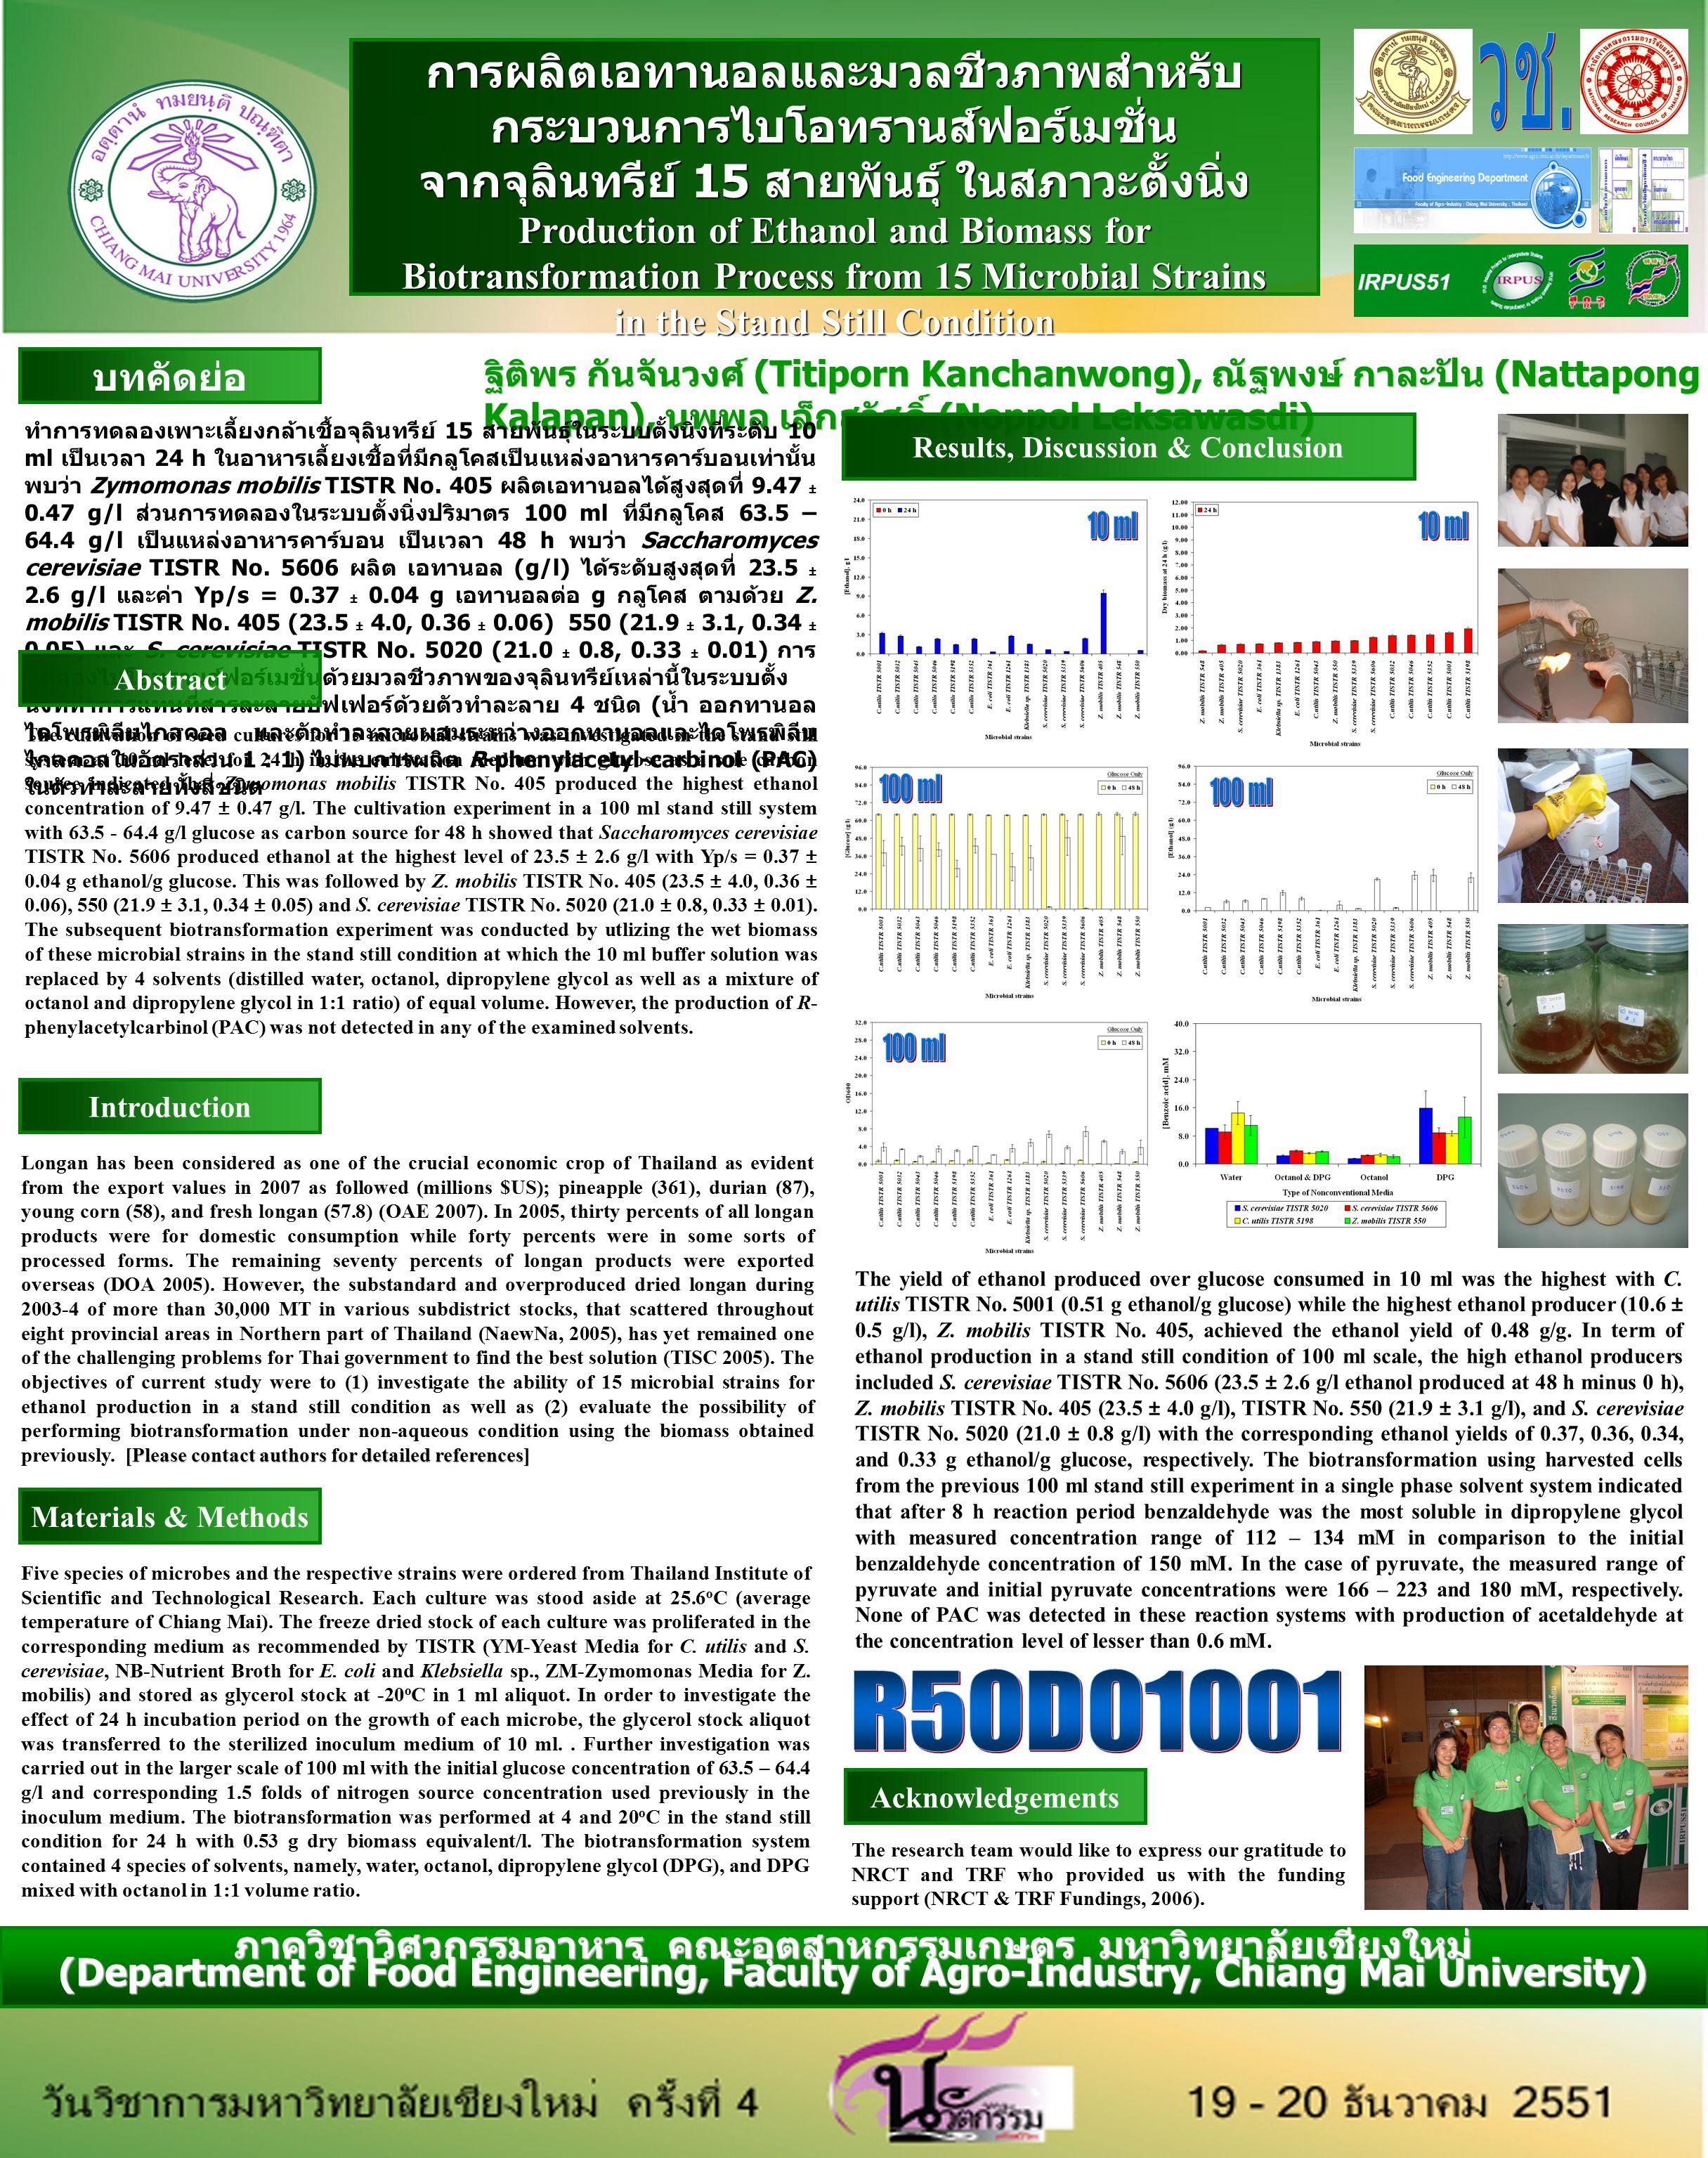 การผลิตเอทานอลและมวลชีวภาพสำหรับ กระบวนการไบโอทรานส์ฟอร์เมชั่น จากจุลินทรีย์ 15 สายพันธุ์ ในสภาวะตั้งนิ่ง Production of Ethanol and Biomass for Biotransformation Process from 15 Microbial Strains in the Stand Still Condition ฐิติพร กันจันวงศ์ (Titiporn Kanchanwong), ณัฐพงษ์ กาละปัน (Nattapong Kalapan), นพพล เล็กสวัสดิ์ (Noppol Leksawasdi) บทคัดย่อ ทำการทดลองเพาะเลี้ยงกล้าเชื้อจุลินทรีย์ 15 สายพันธุ์ในระบบตั้งนิ่งที่ระดับ 10 ml เป็นเวลา 24 h ในอาหารเลี้ยงเชื้อที่มีกลูโคสเป็นแหล่งอาหารคาร์บอนเท่านั้น พบว่า Zymomonas mobilis TISTR No.